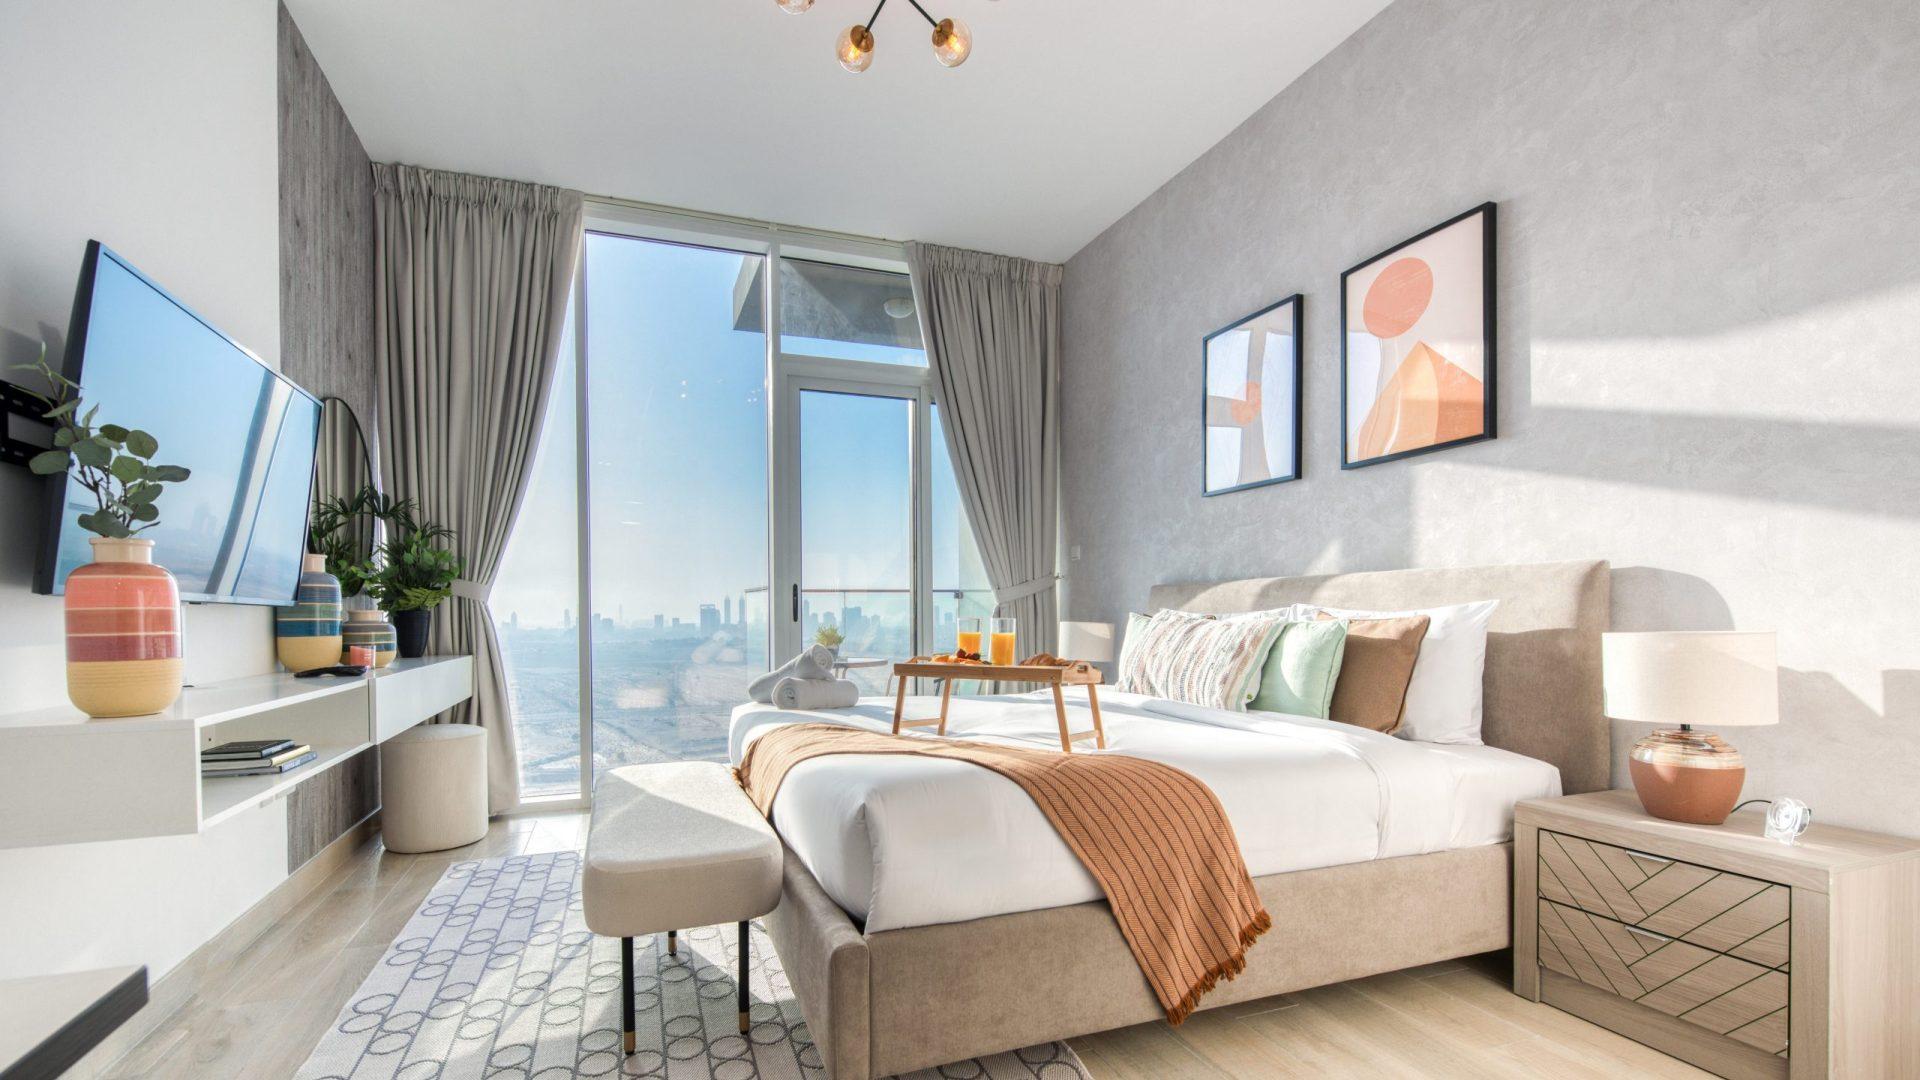 Apartment for sale in Dubai, UAE, 3 bedrooms, 151 m2, No. 24233 – photo 2